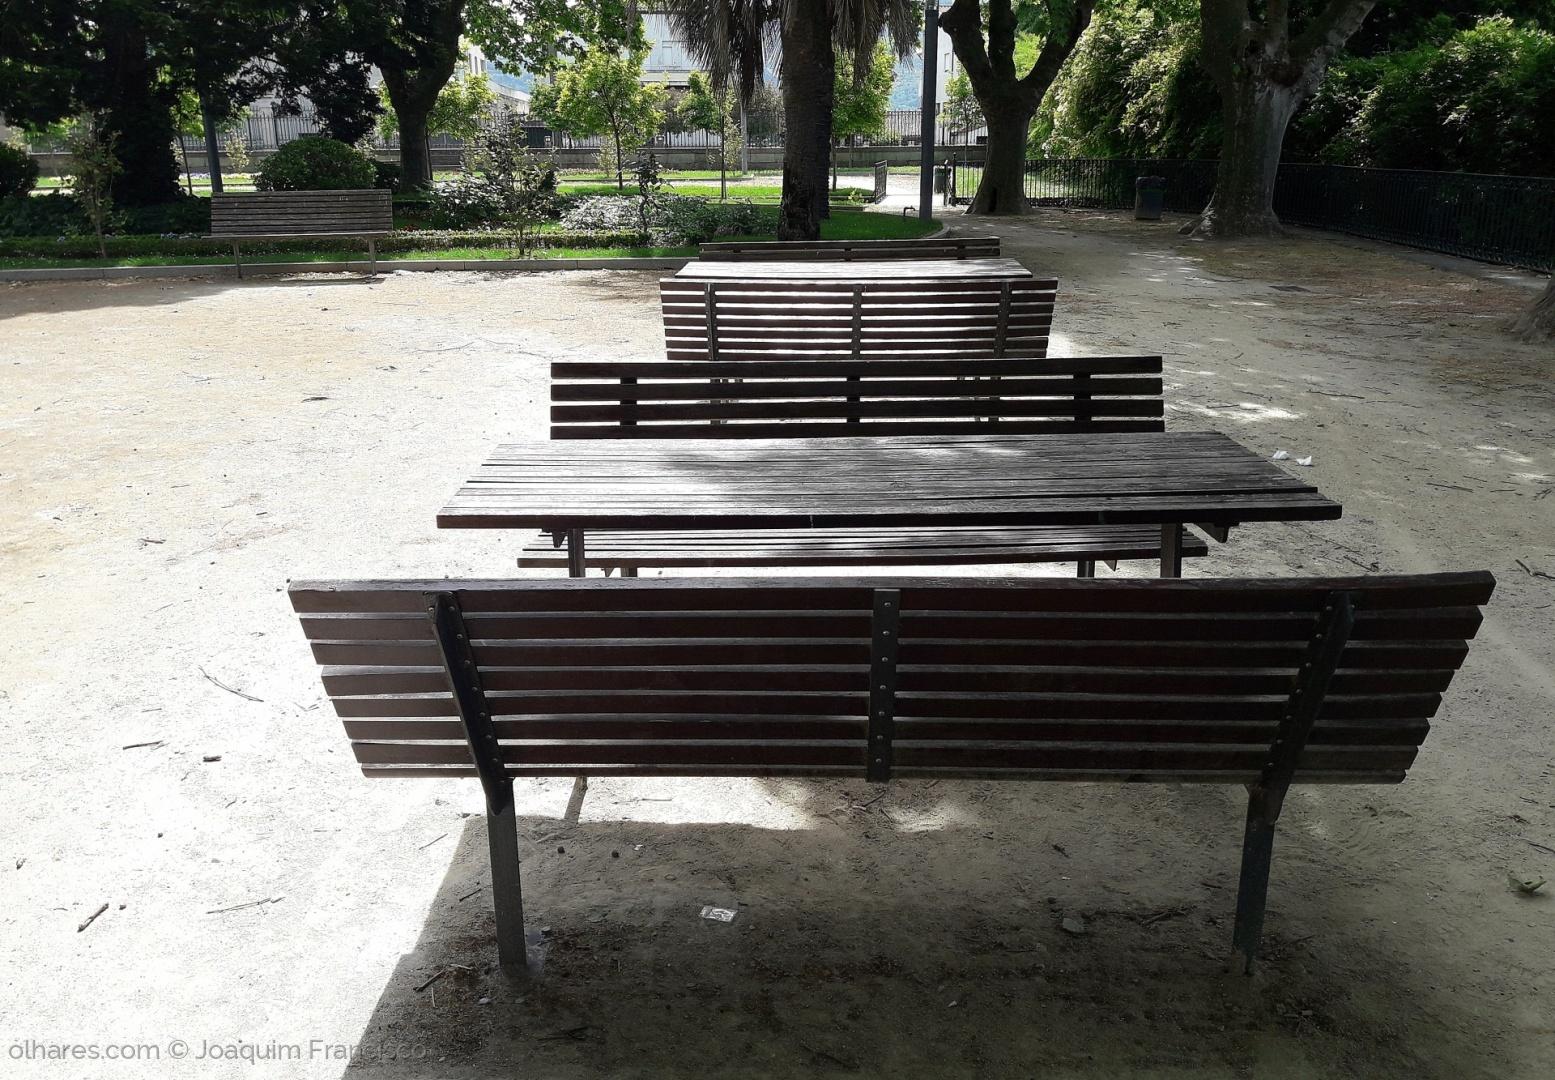 Paisagem Urbana/Bancos de Jardim